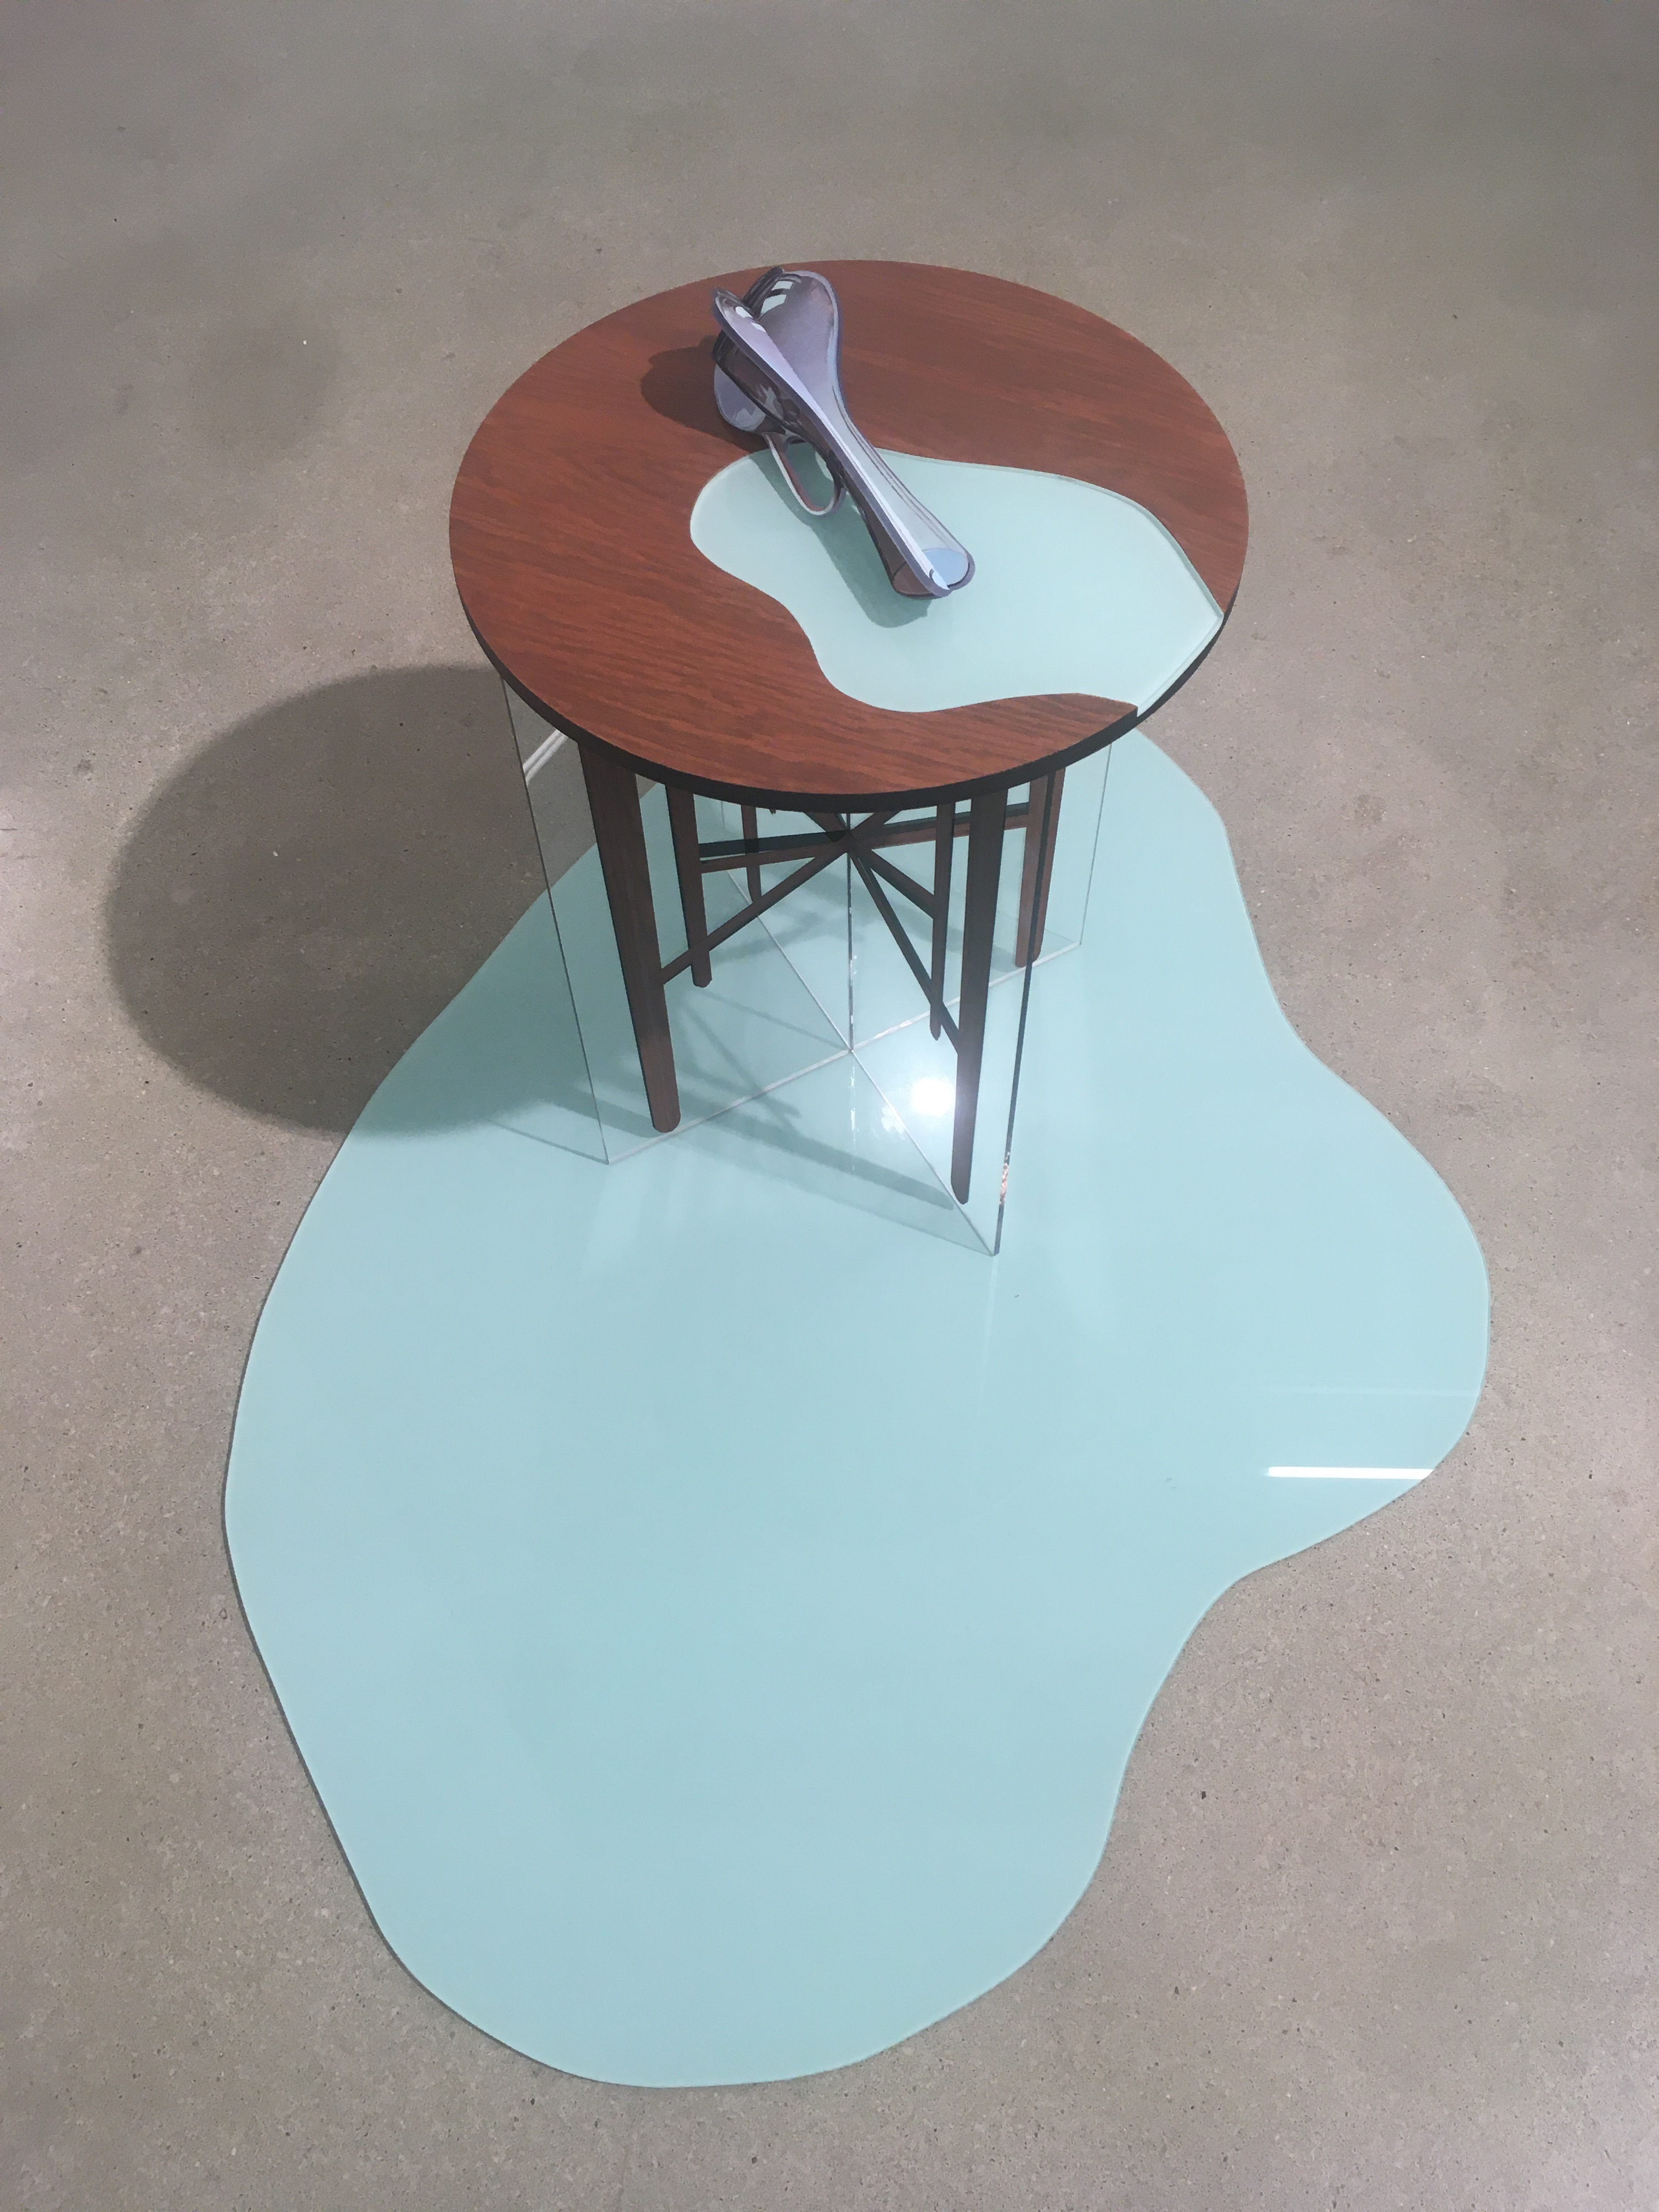 Deathbed Reflections III_65x103x75cm_Öl und Acryl auf Plexiglas, Bleistift und Acryl auf Holz_2020